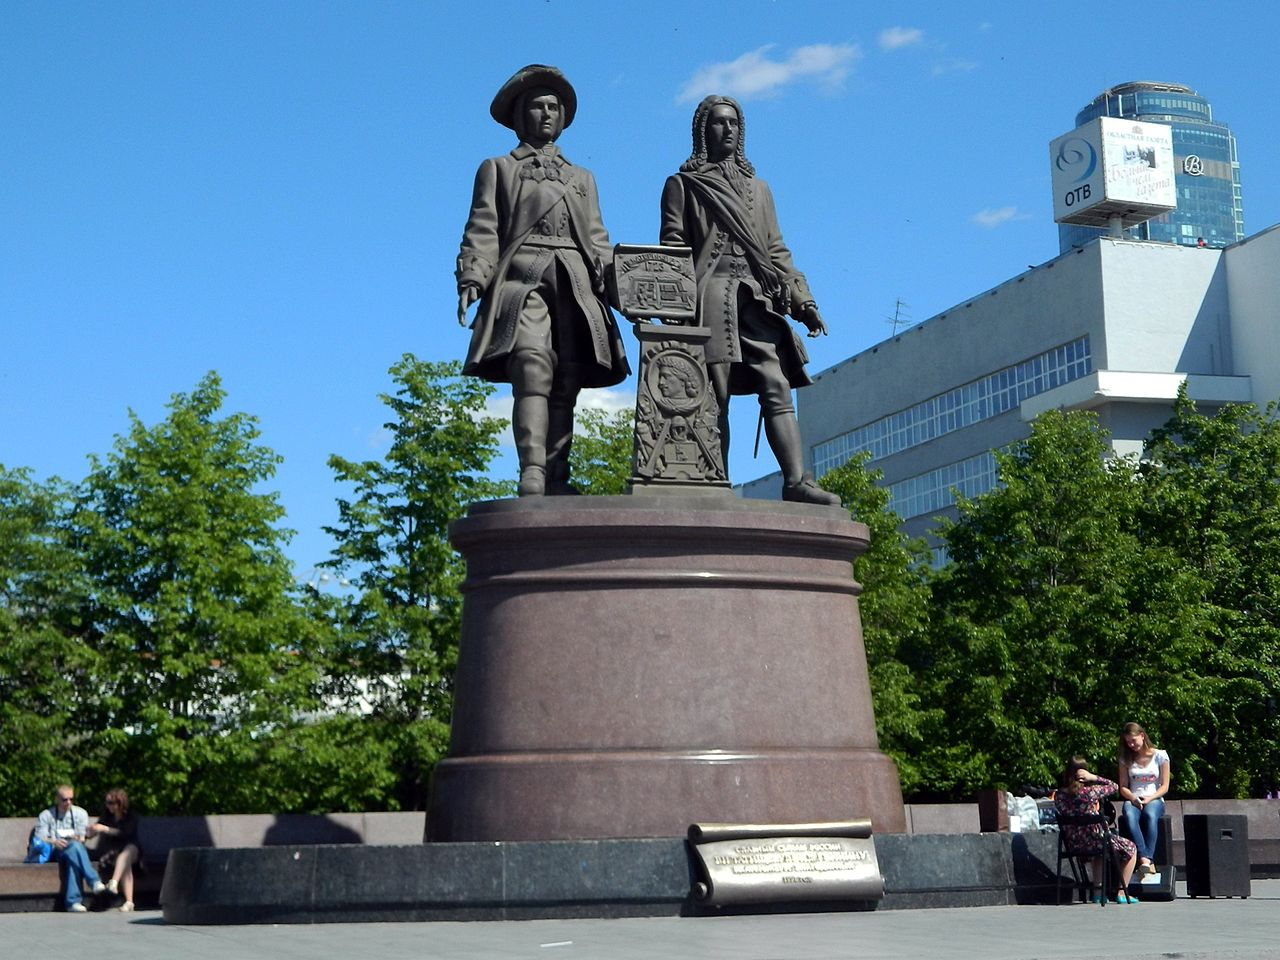 Екатеринбург, памятник Татищеву и де Геннину у плотины